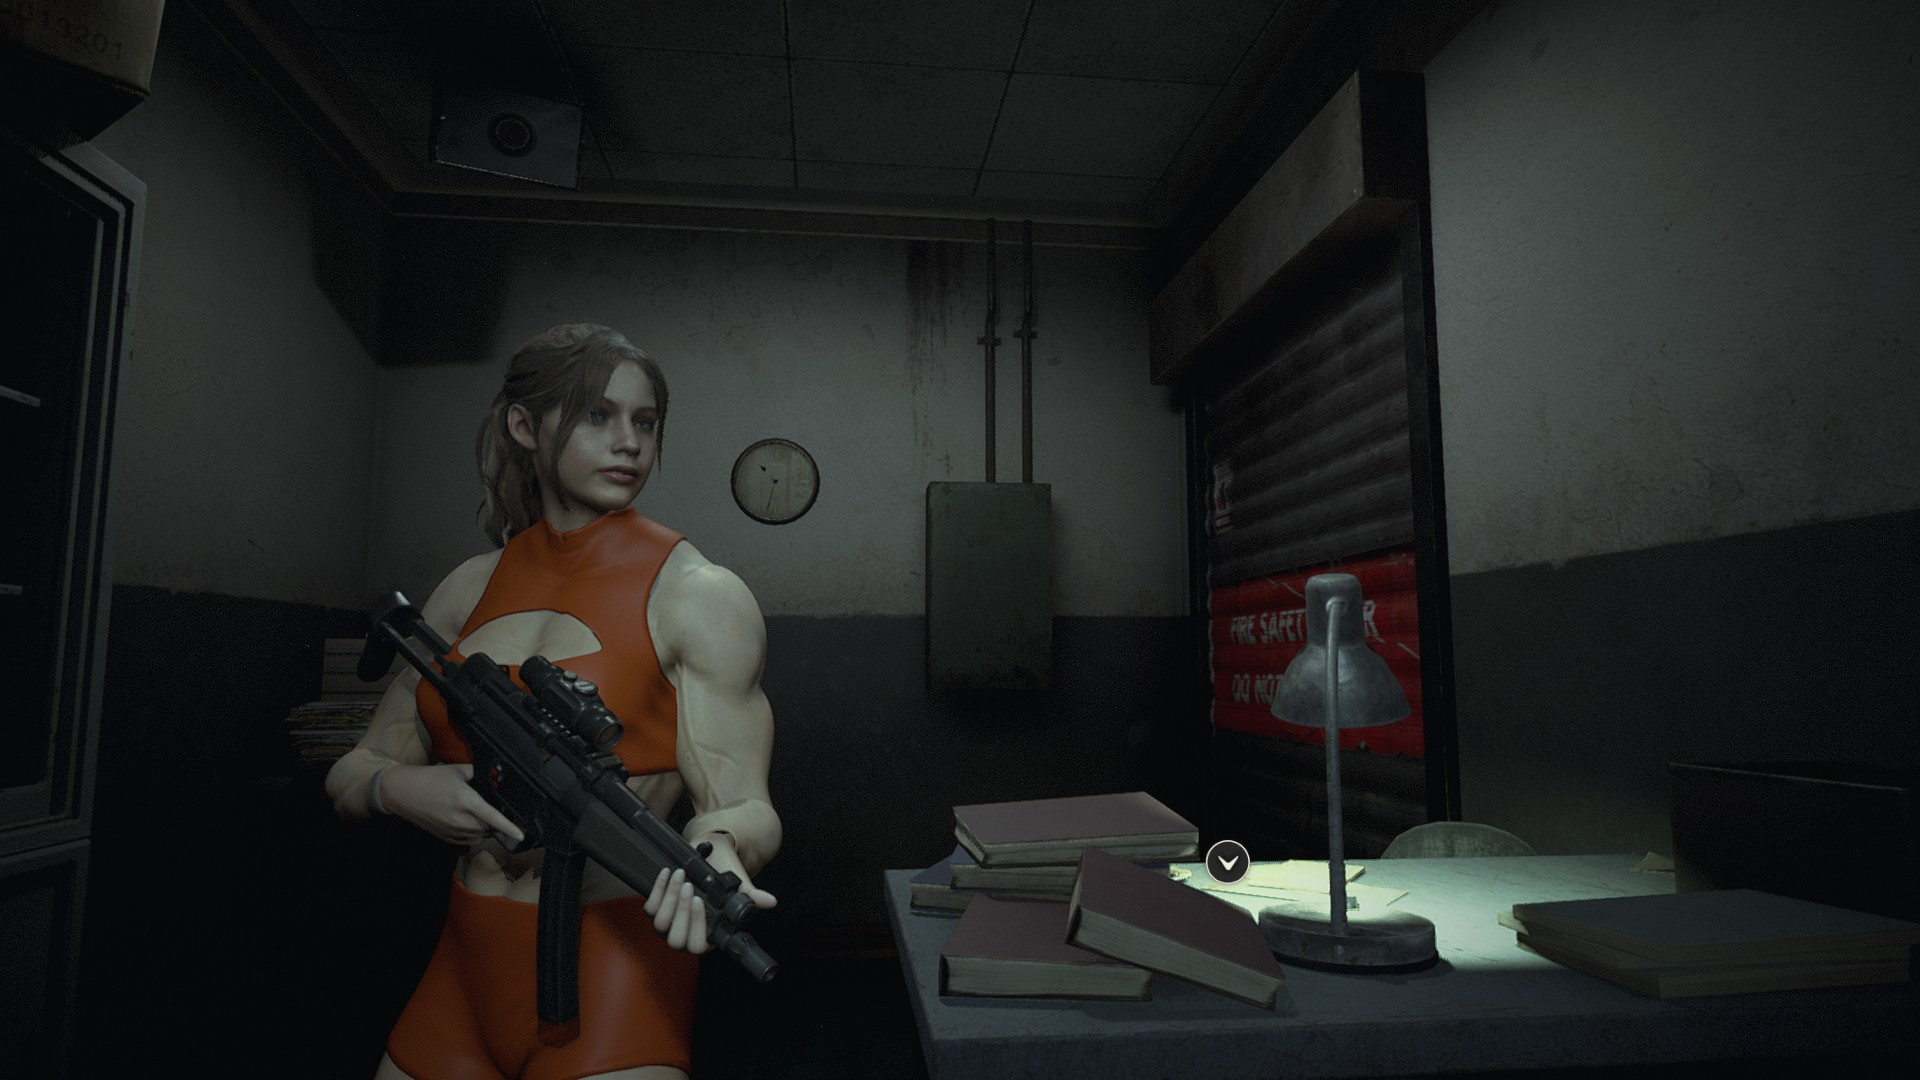 Pumping Iron Mod - Resident Evil 2 Remake Mods | GameWatcher